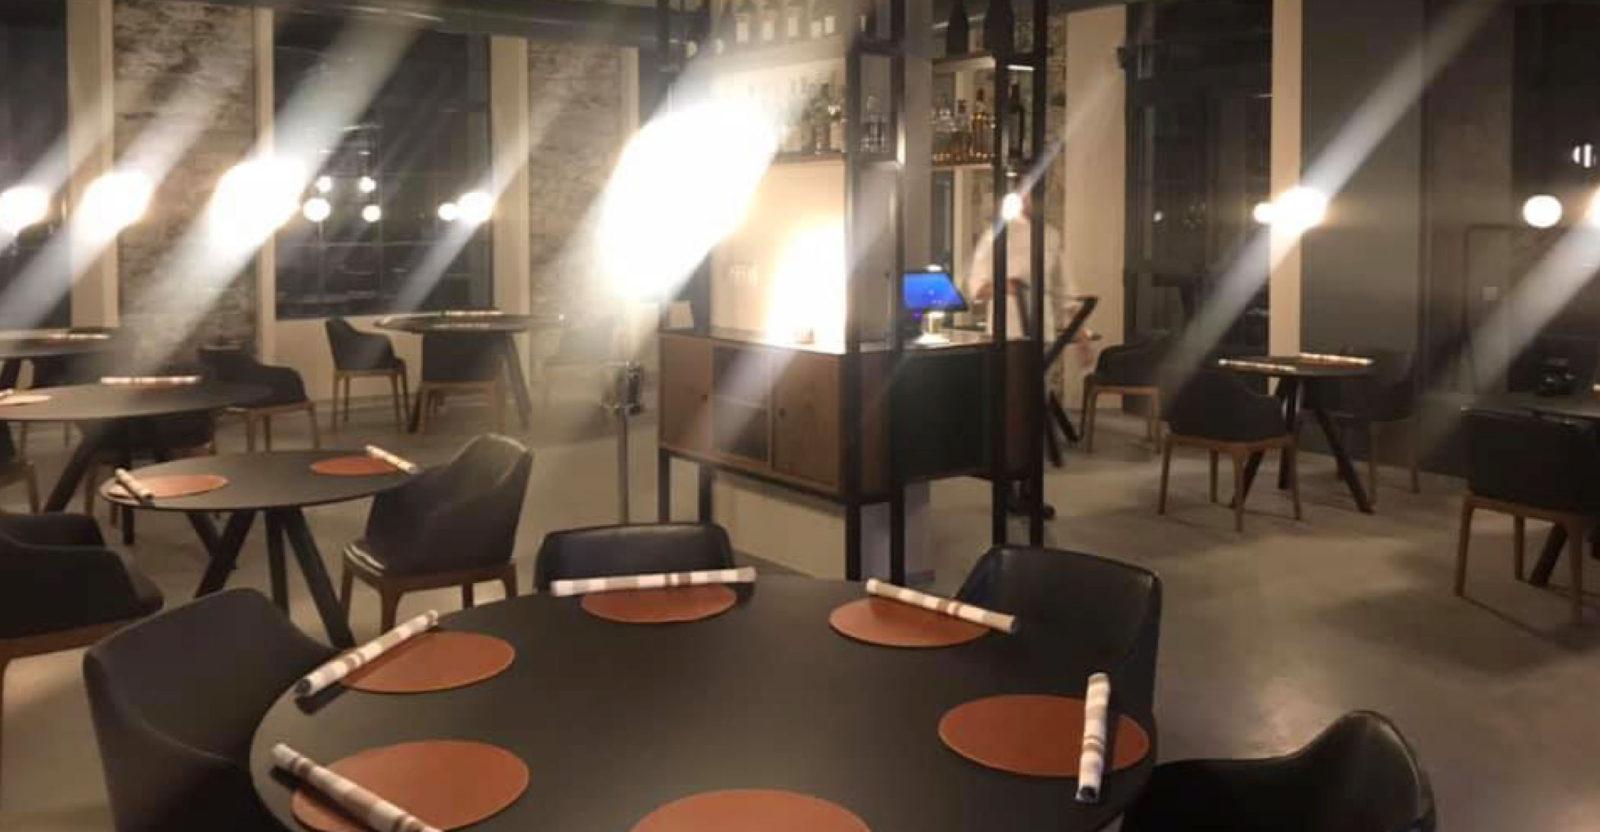 Ristrutturazione completa ristorante 8